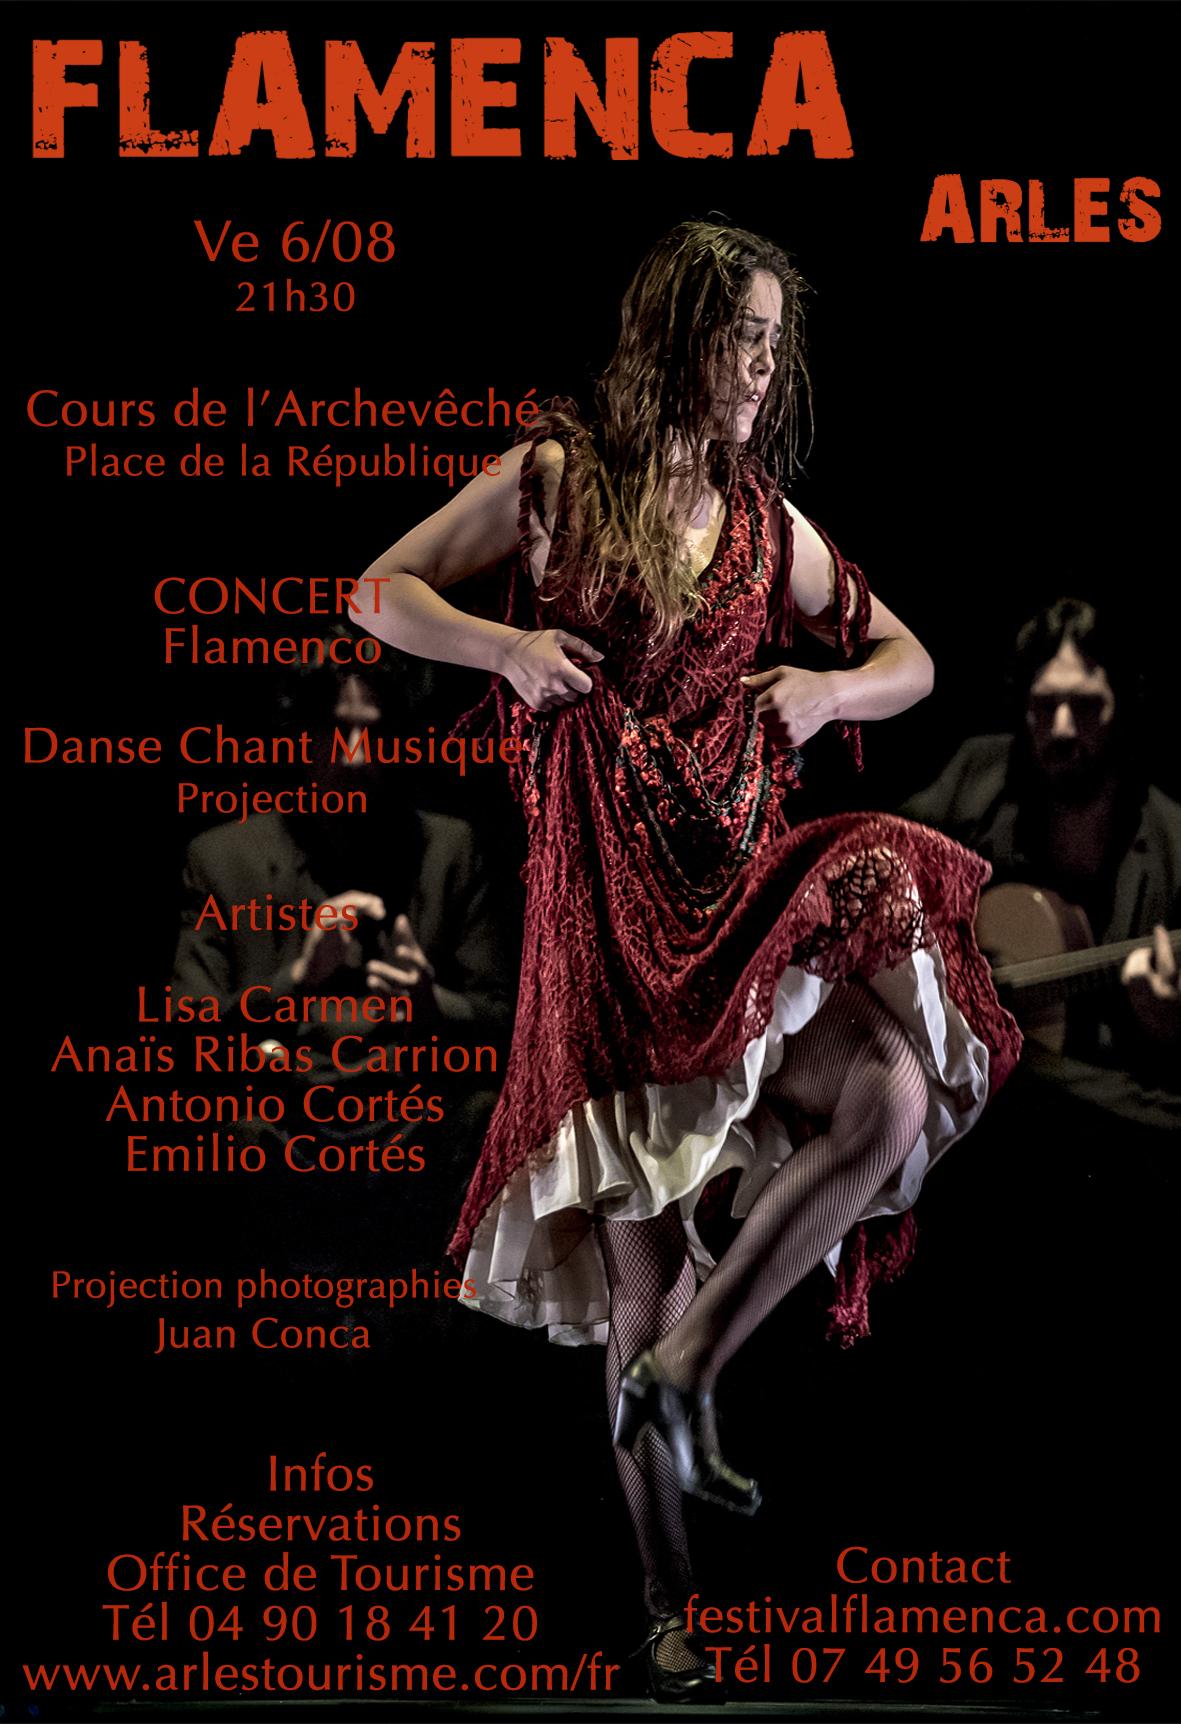 Un festival qui explore le flamenco sous toutes ses formes et le conjugue au féminin